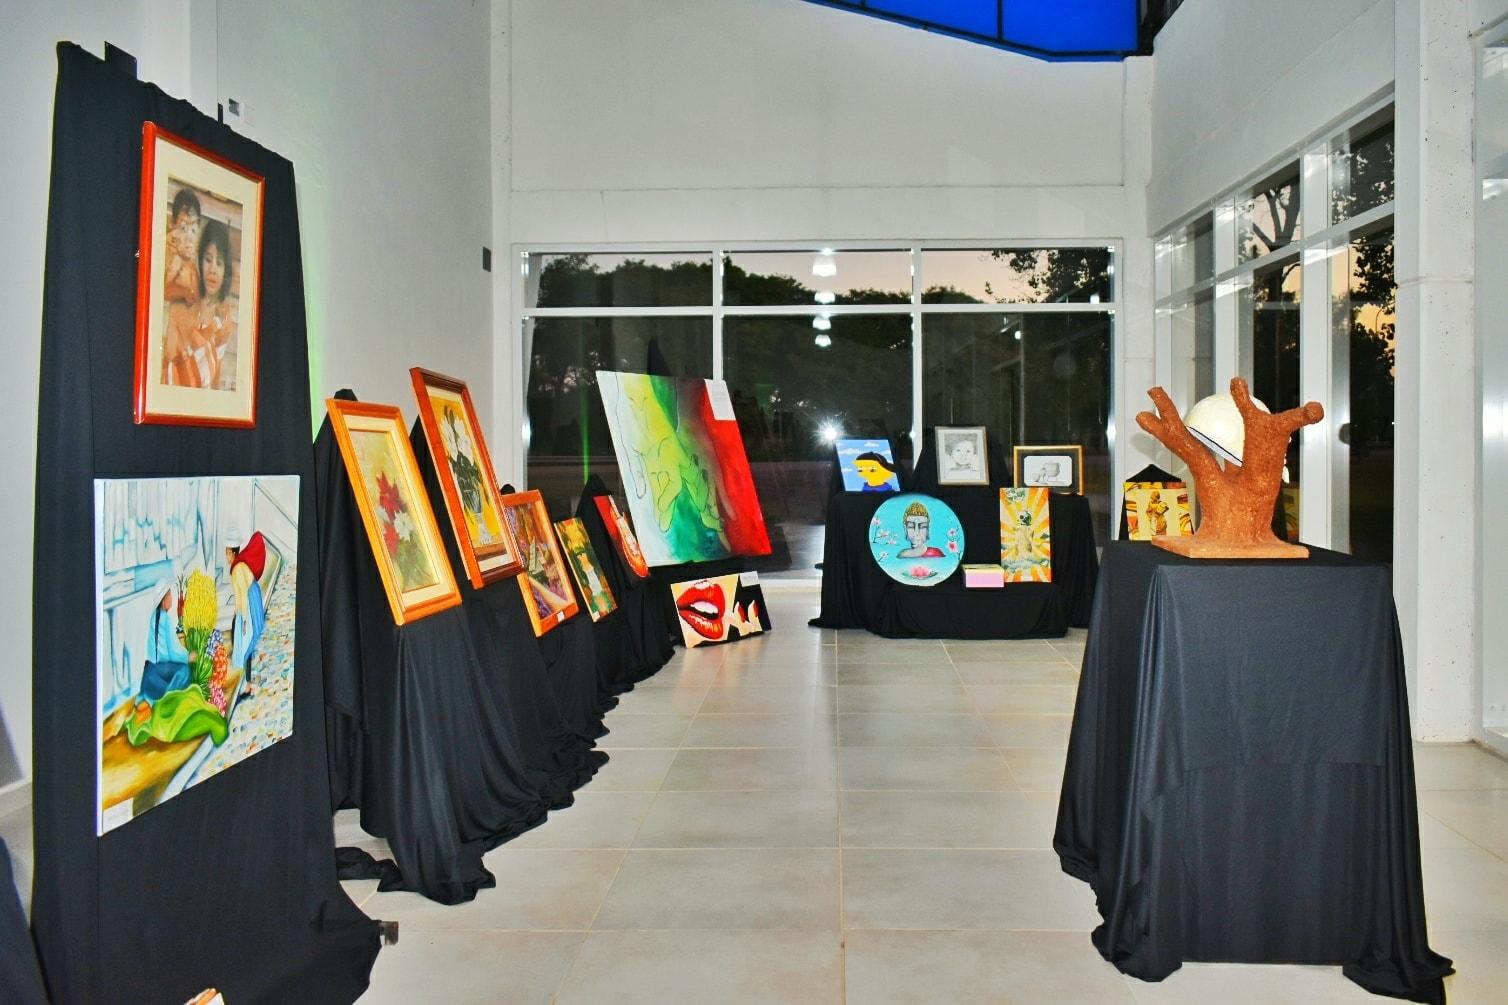 Abrió al público la Muestra de Artes Visuales de artistas locales